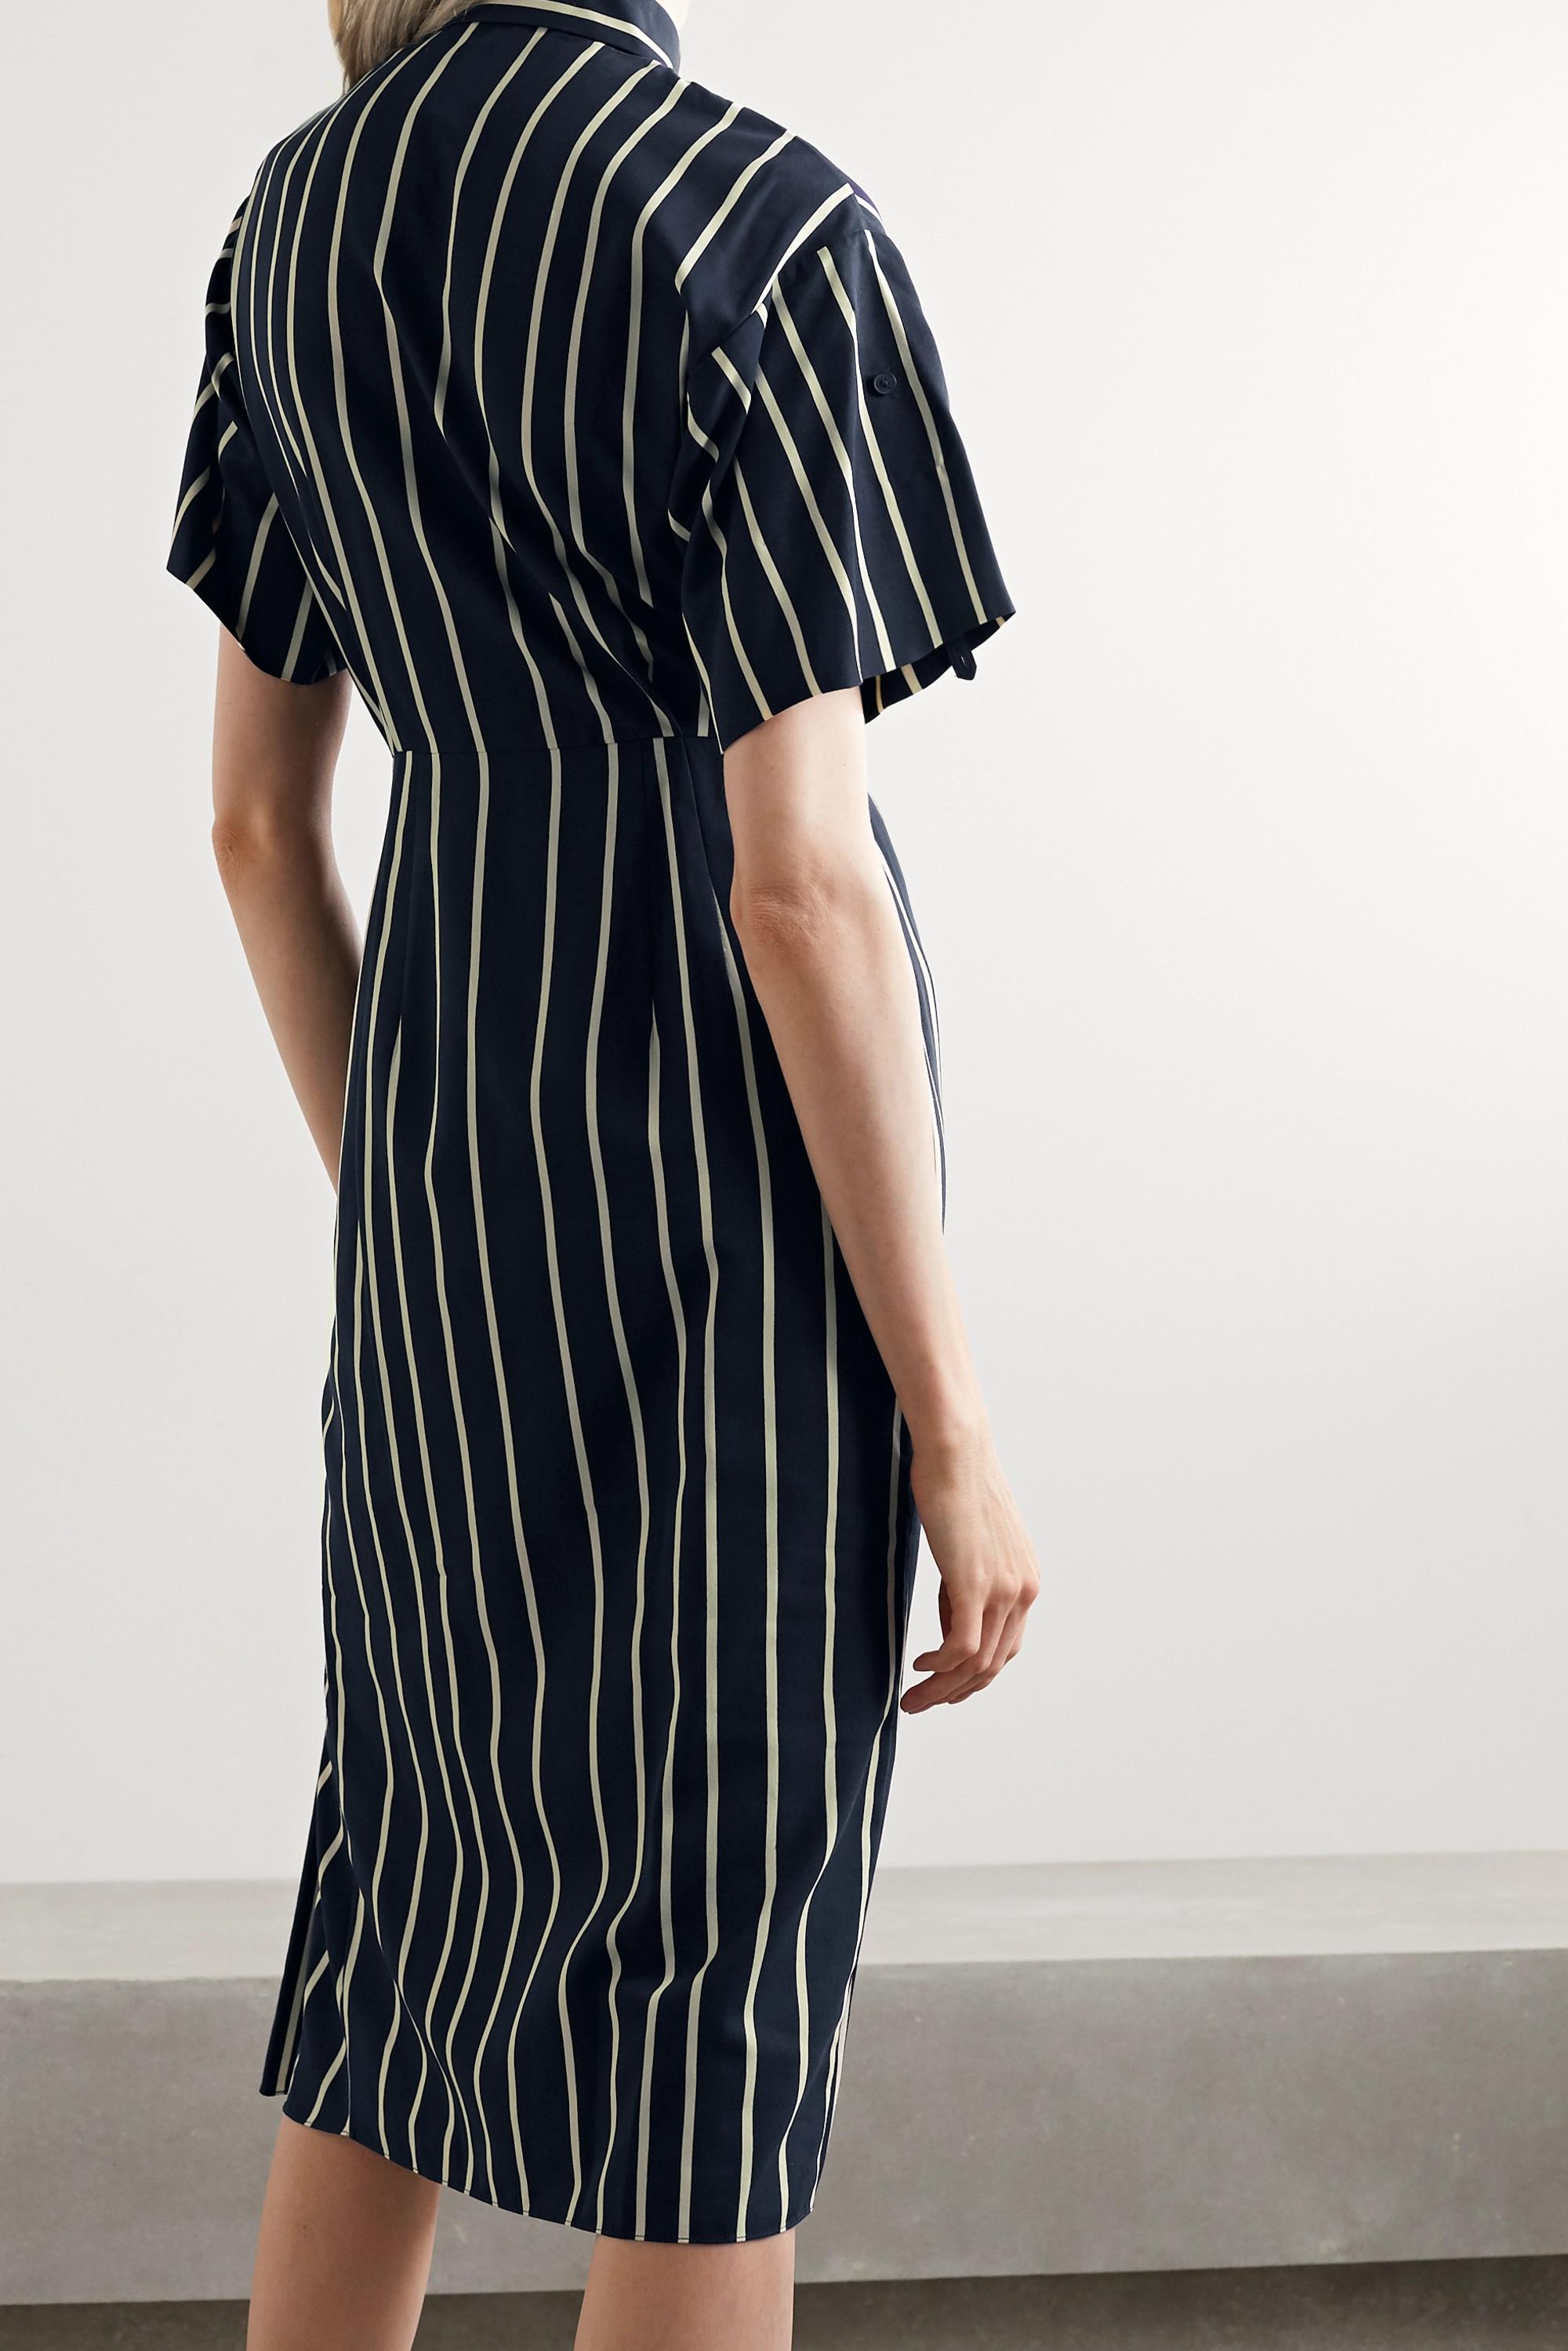 Jason Wu Collection Draped striped twill dress